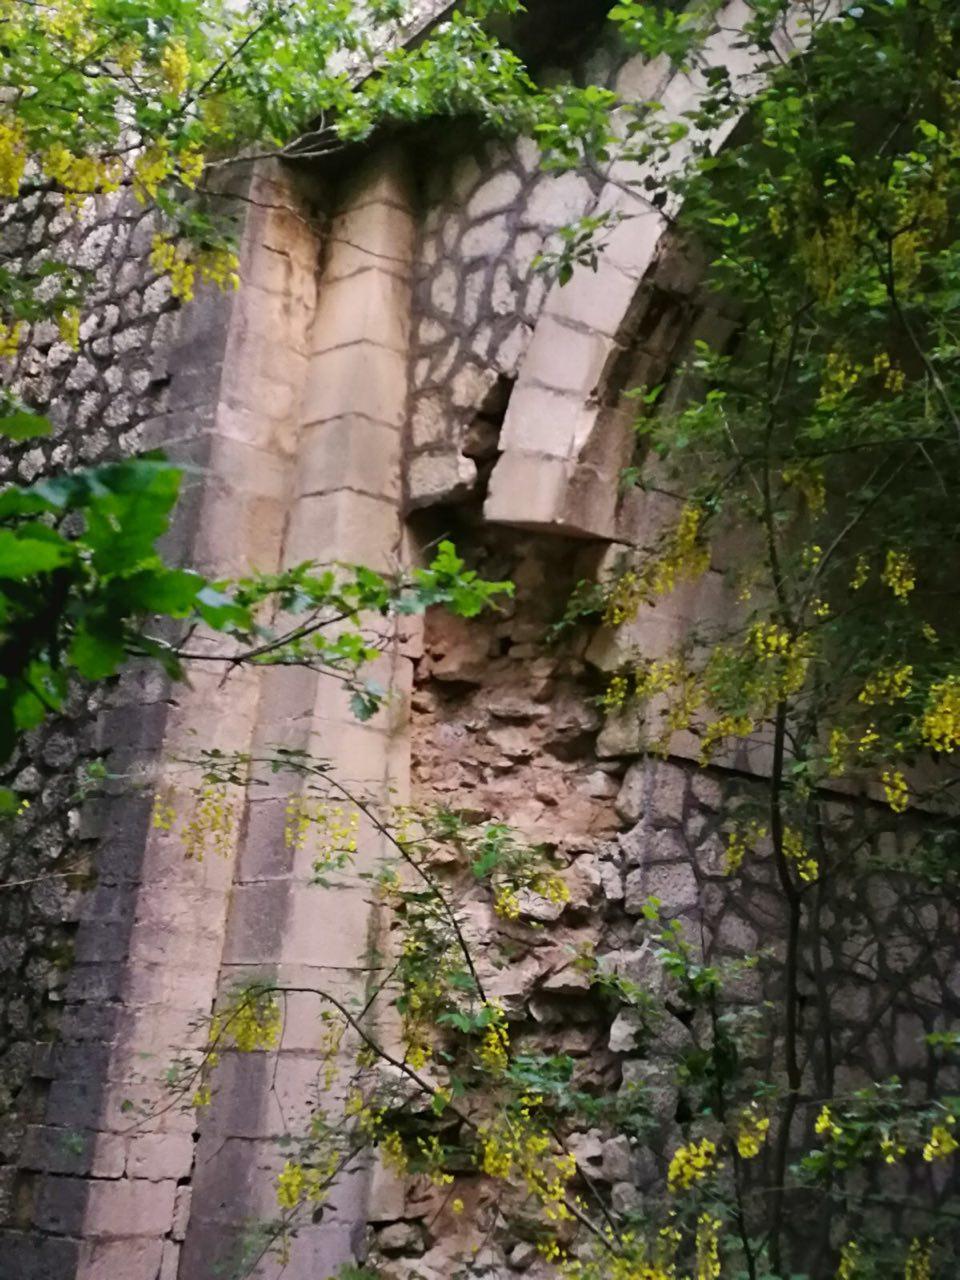 Tavolo istituzionale del ponte sul fiume Giovenco nel comune di Bisegna. Forse una soluzione prima dell'inverno